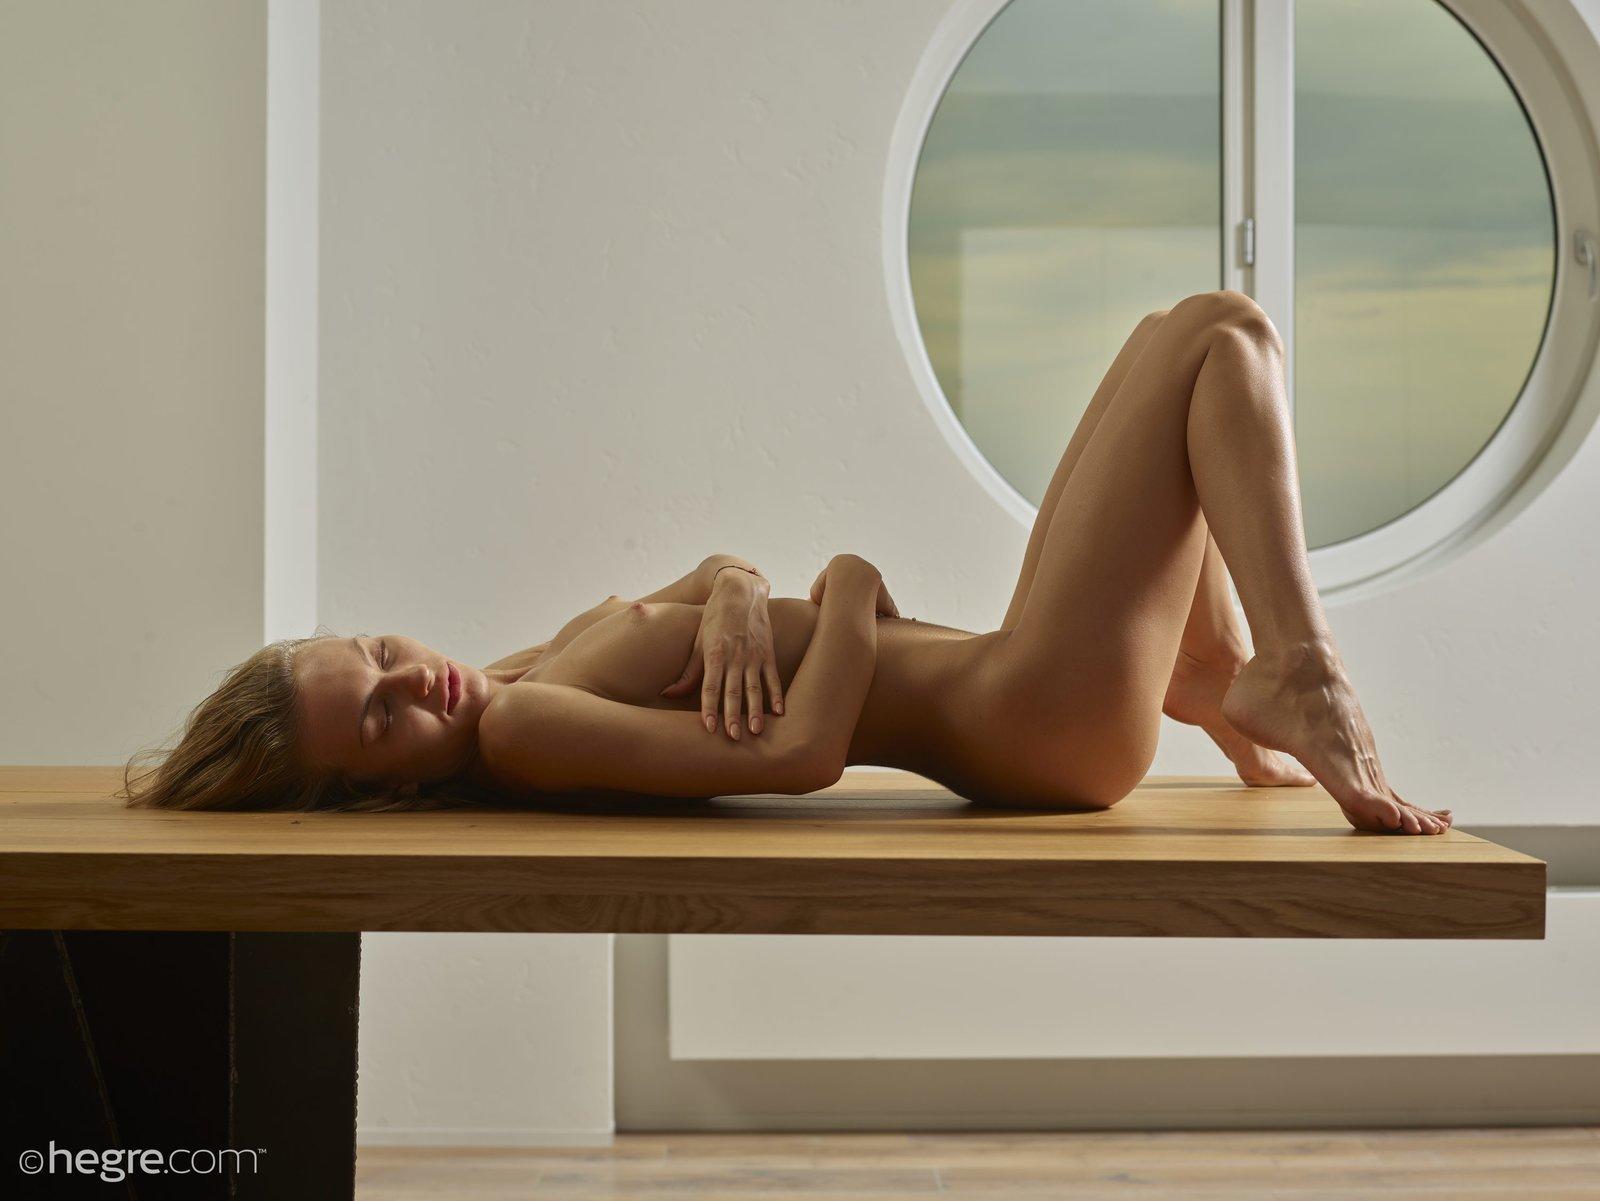 Обнаженная леди со красивой фигуркой фотографируется на столе